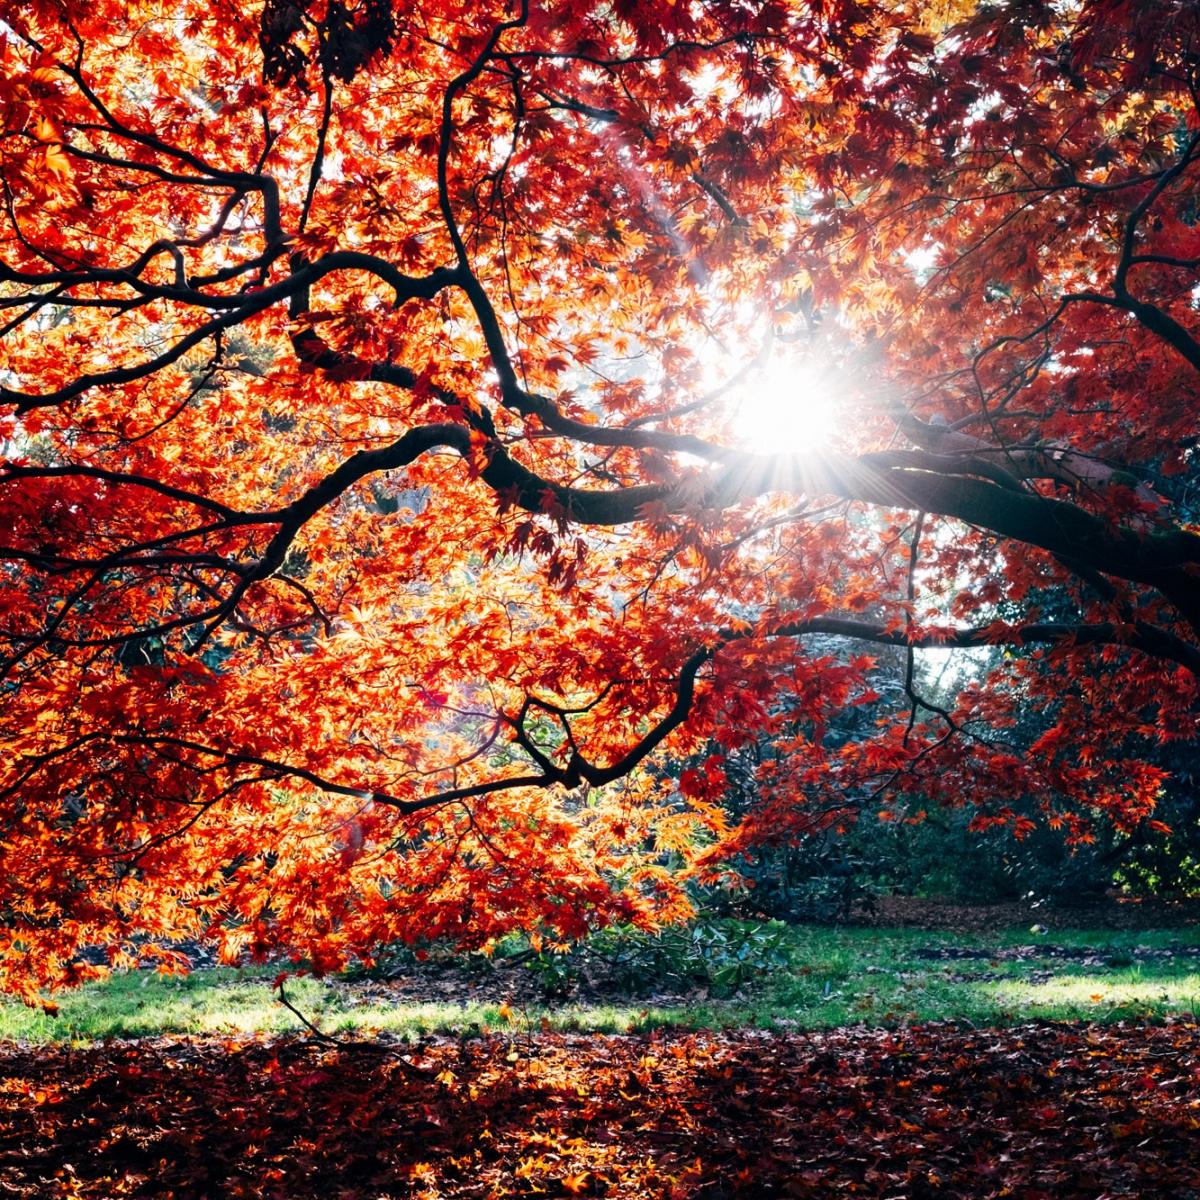 Ảnh mùa thu cây lá ngả vàng rất đẹp